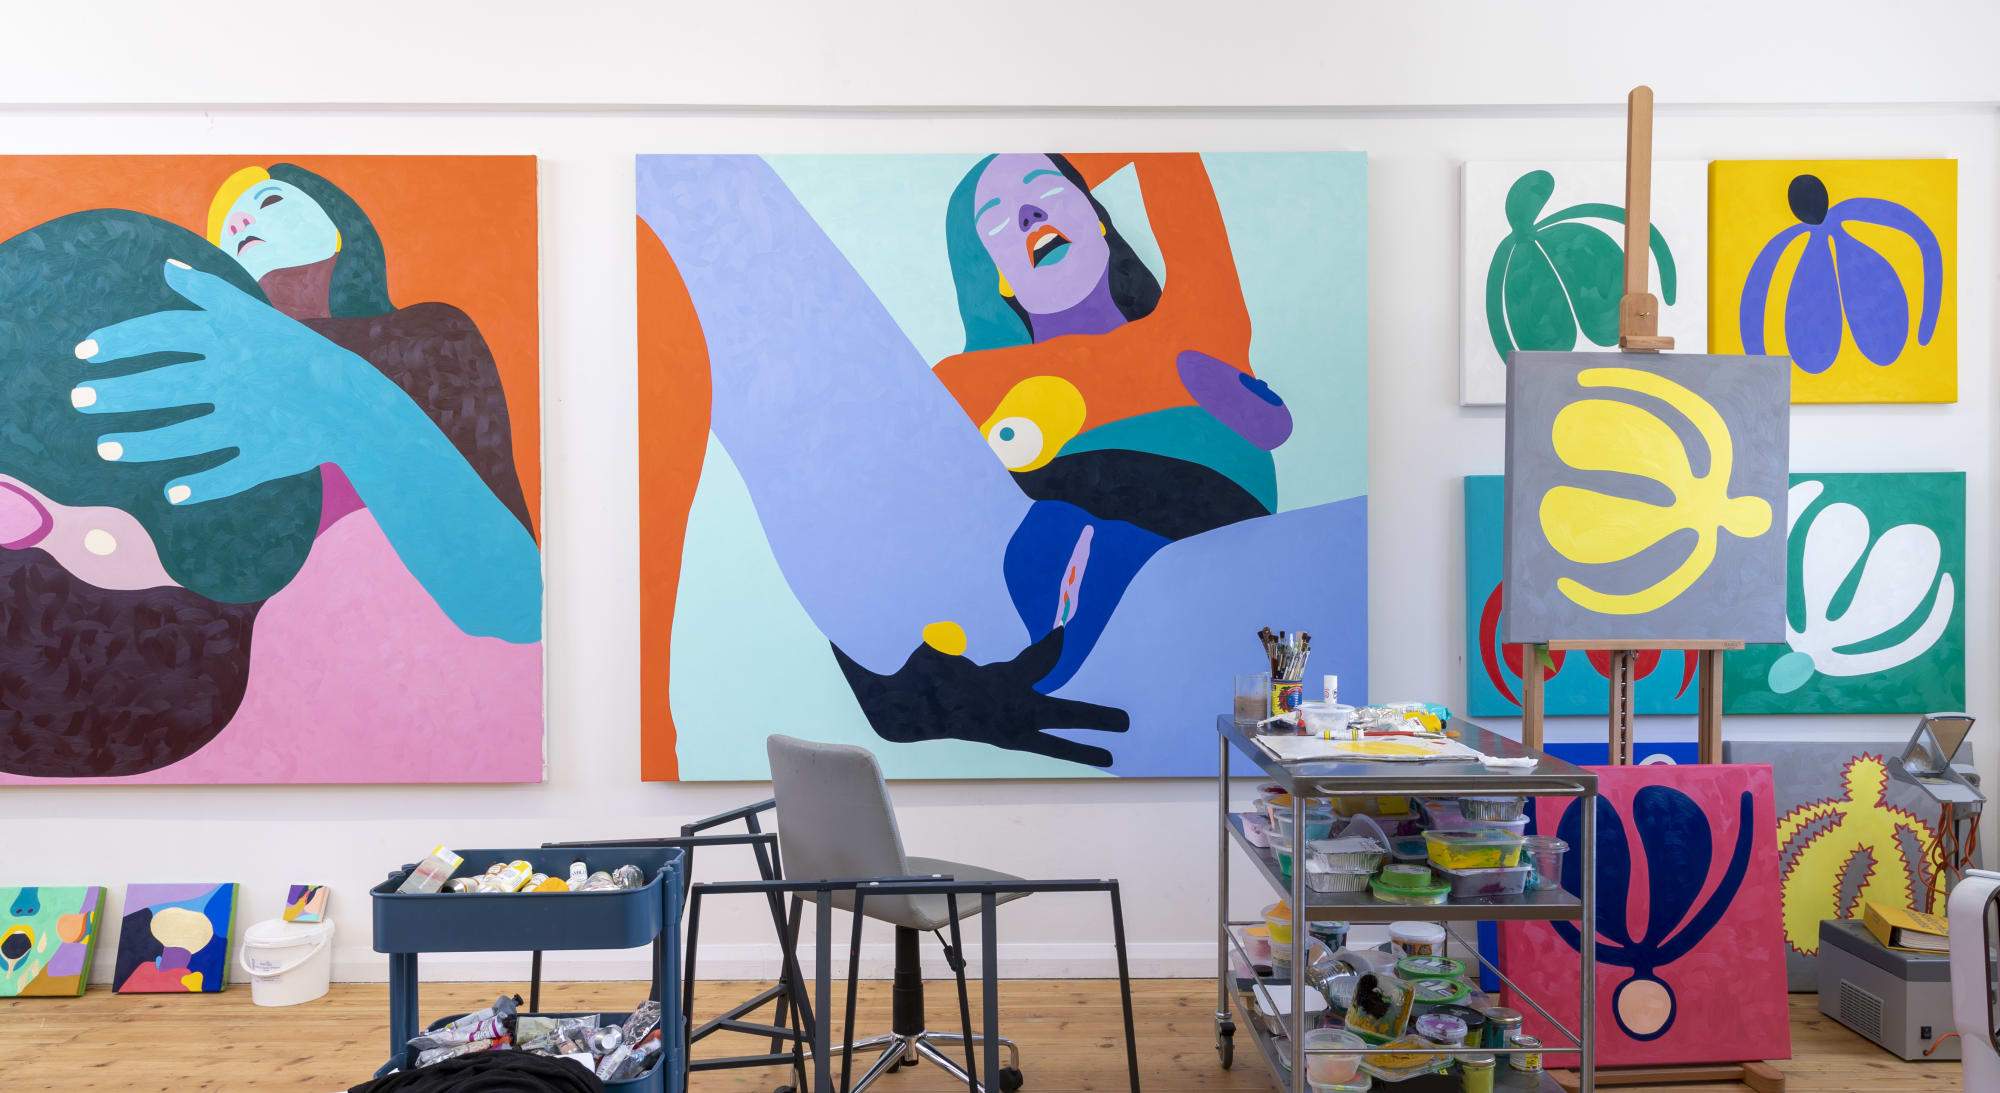 Helenbeard Studio Itsherfactory July2019 Lucyemmsi4343 12